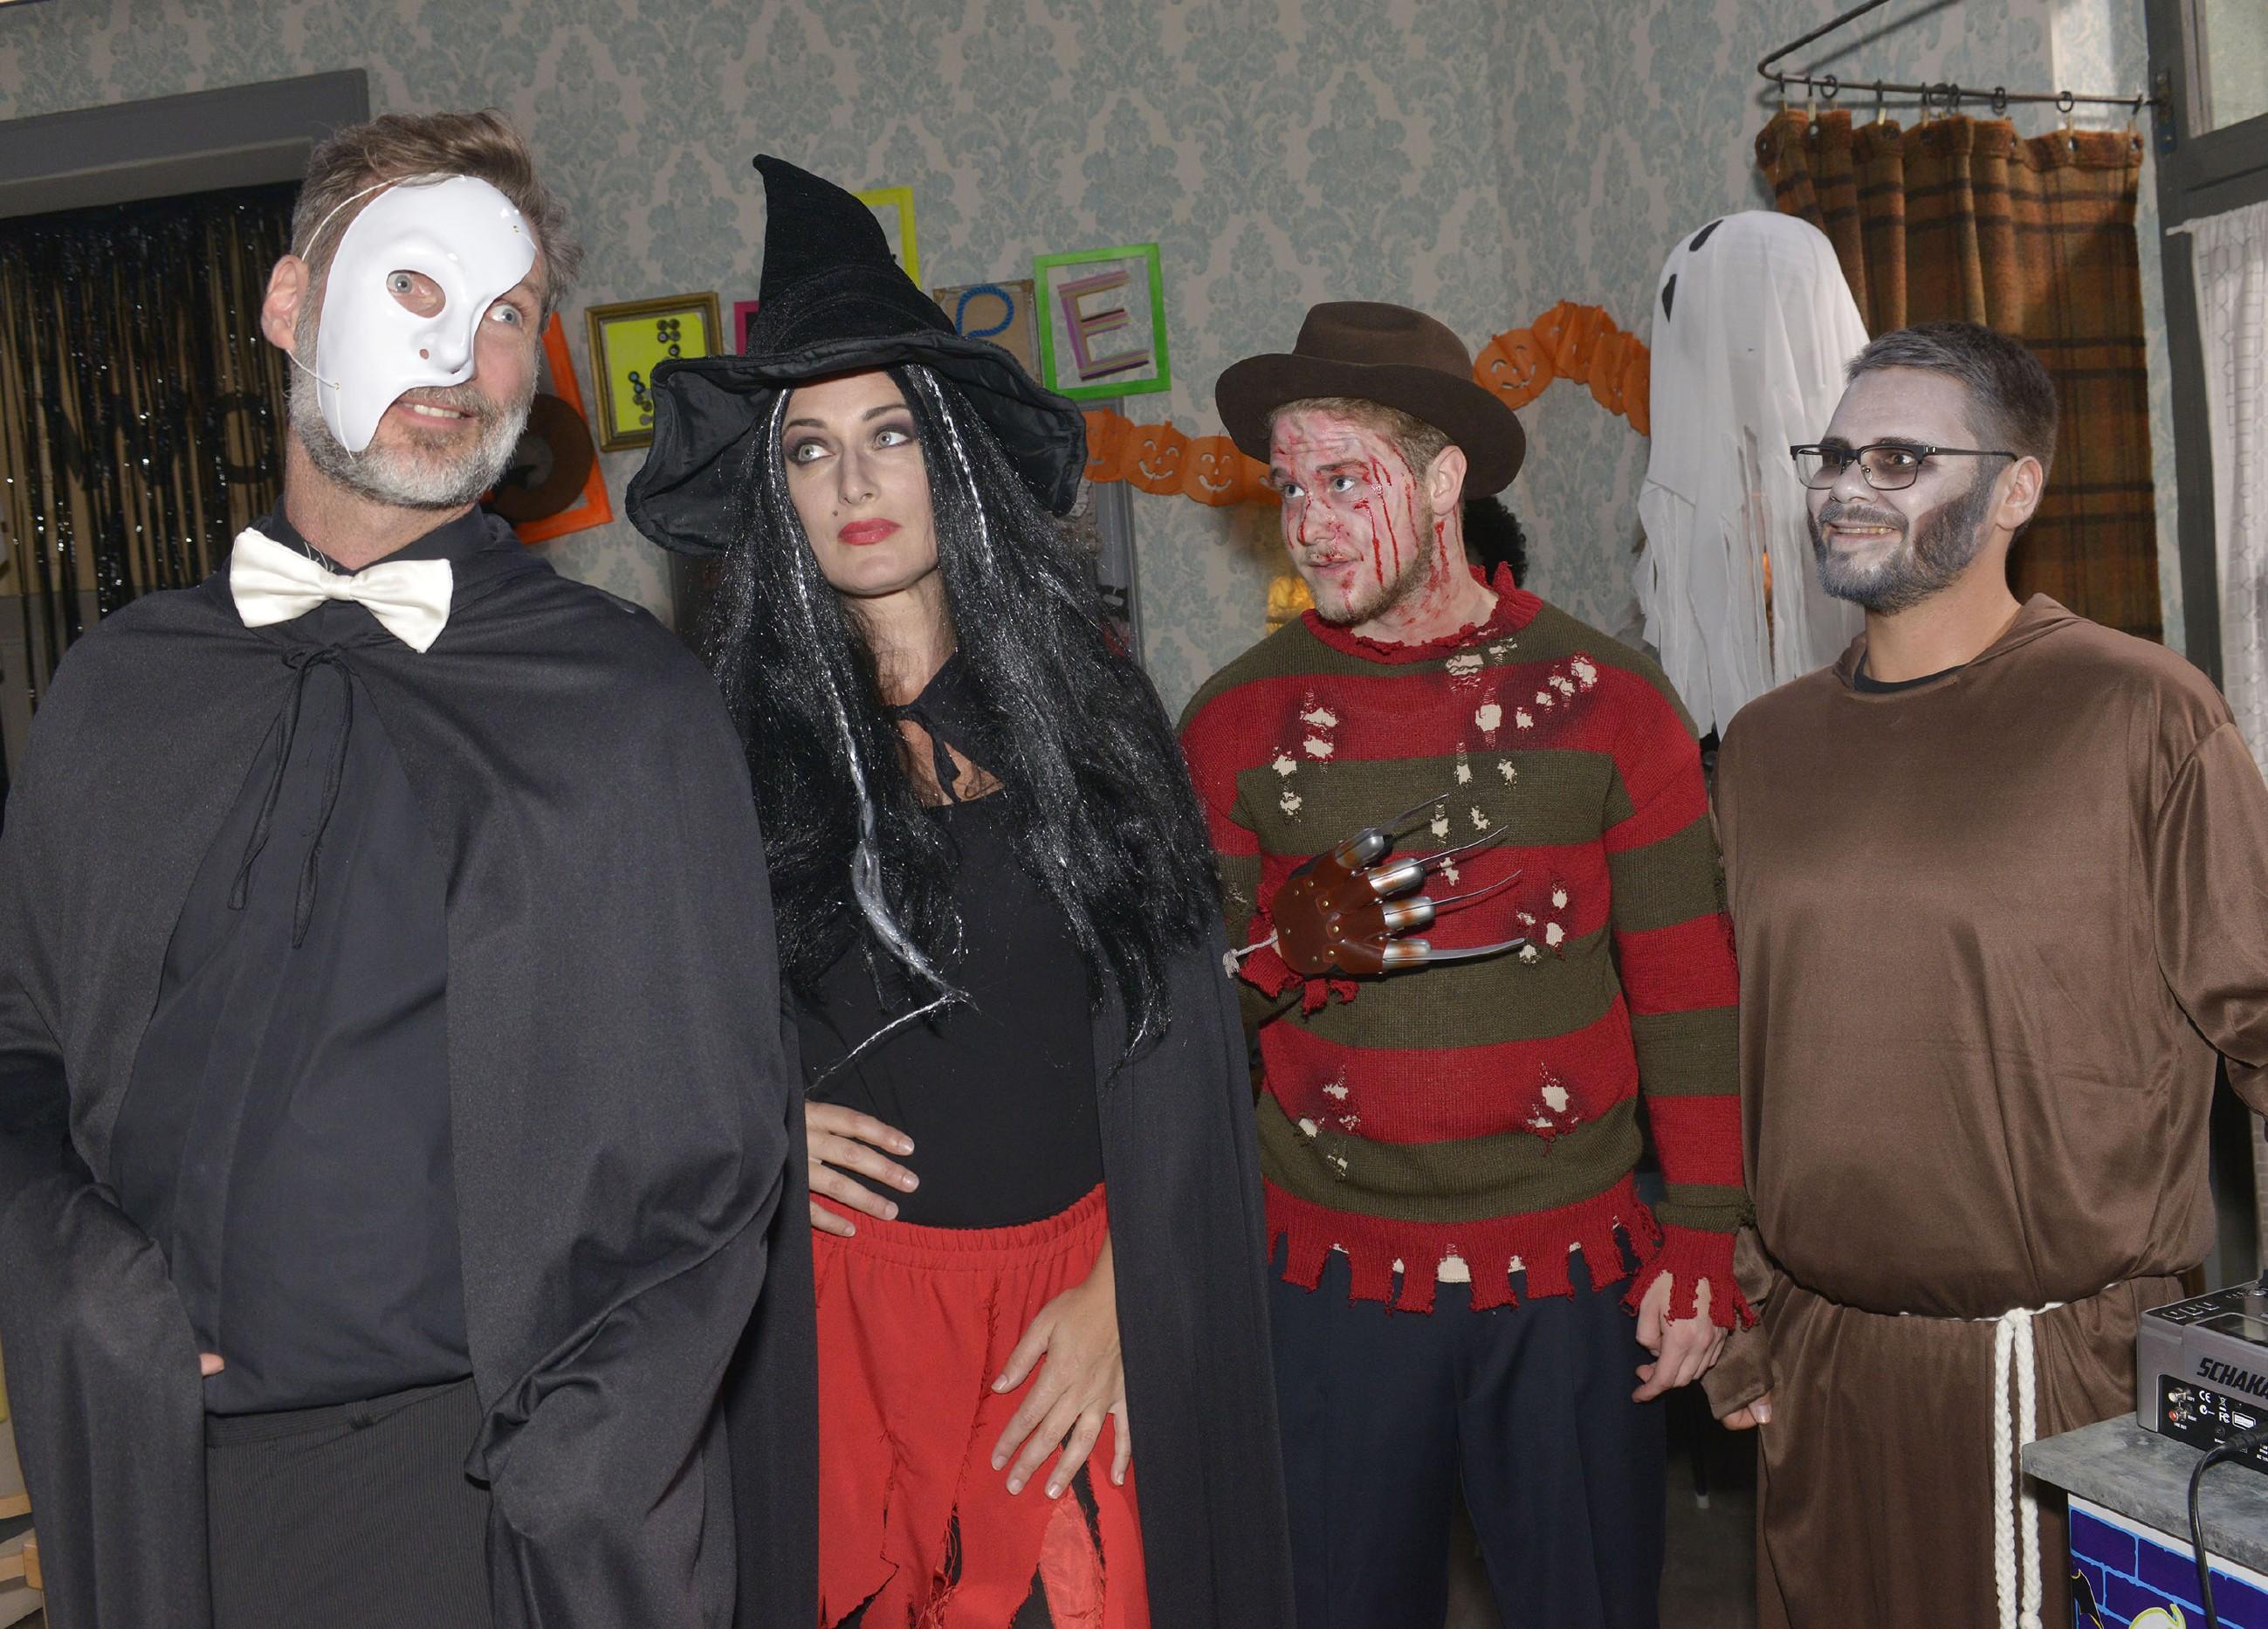 Alexander (Clemens Löhr), Maren (Eva Mona Rodekirchen), Jonas (Felix van Deventer) und Tuner (Thomas Drechsel) haben sich gruselig-morbide kostümiert und freuen sich auf die Halloweenparty.